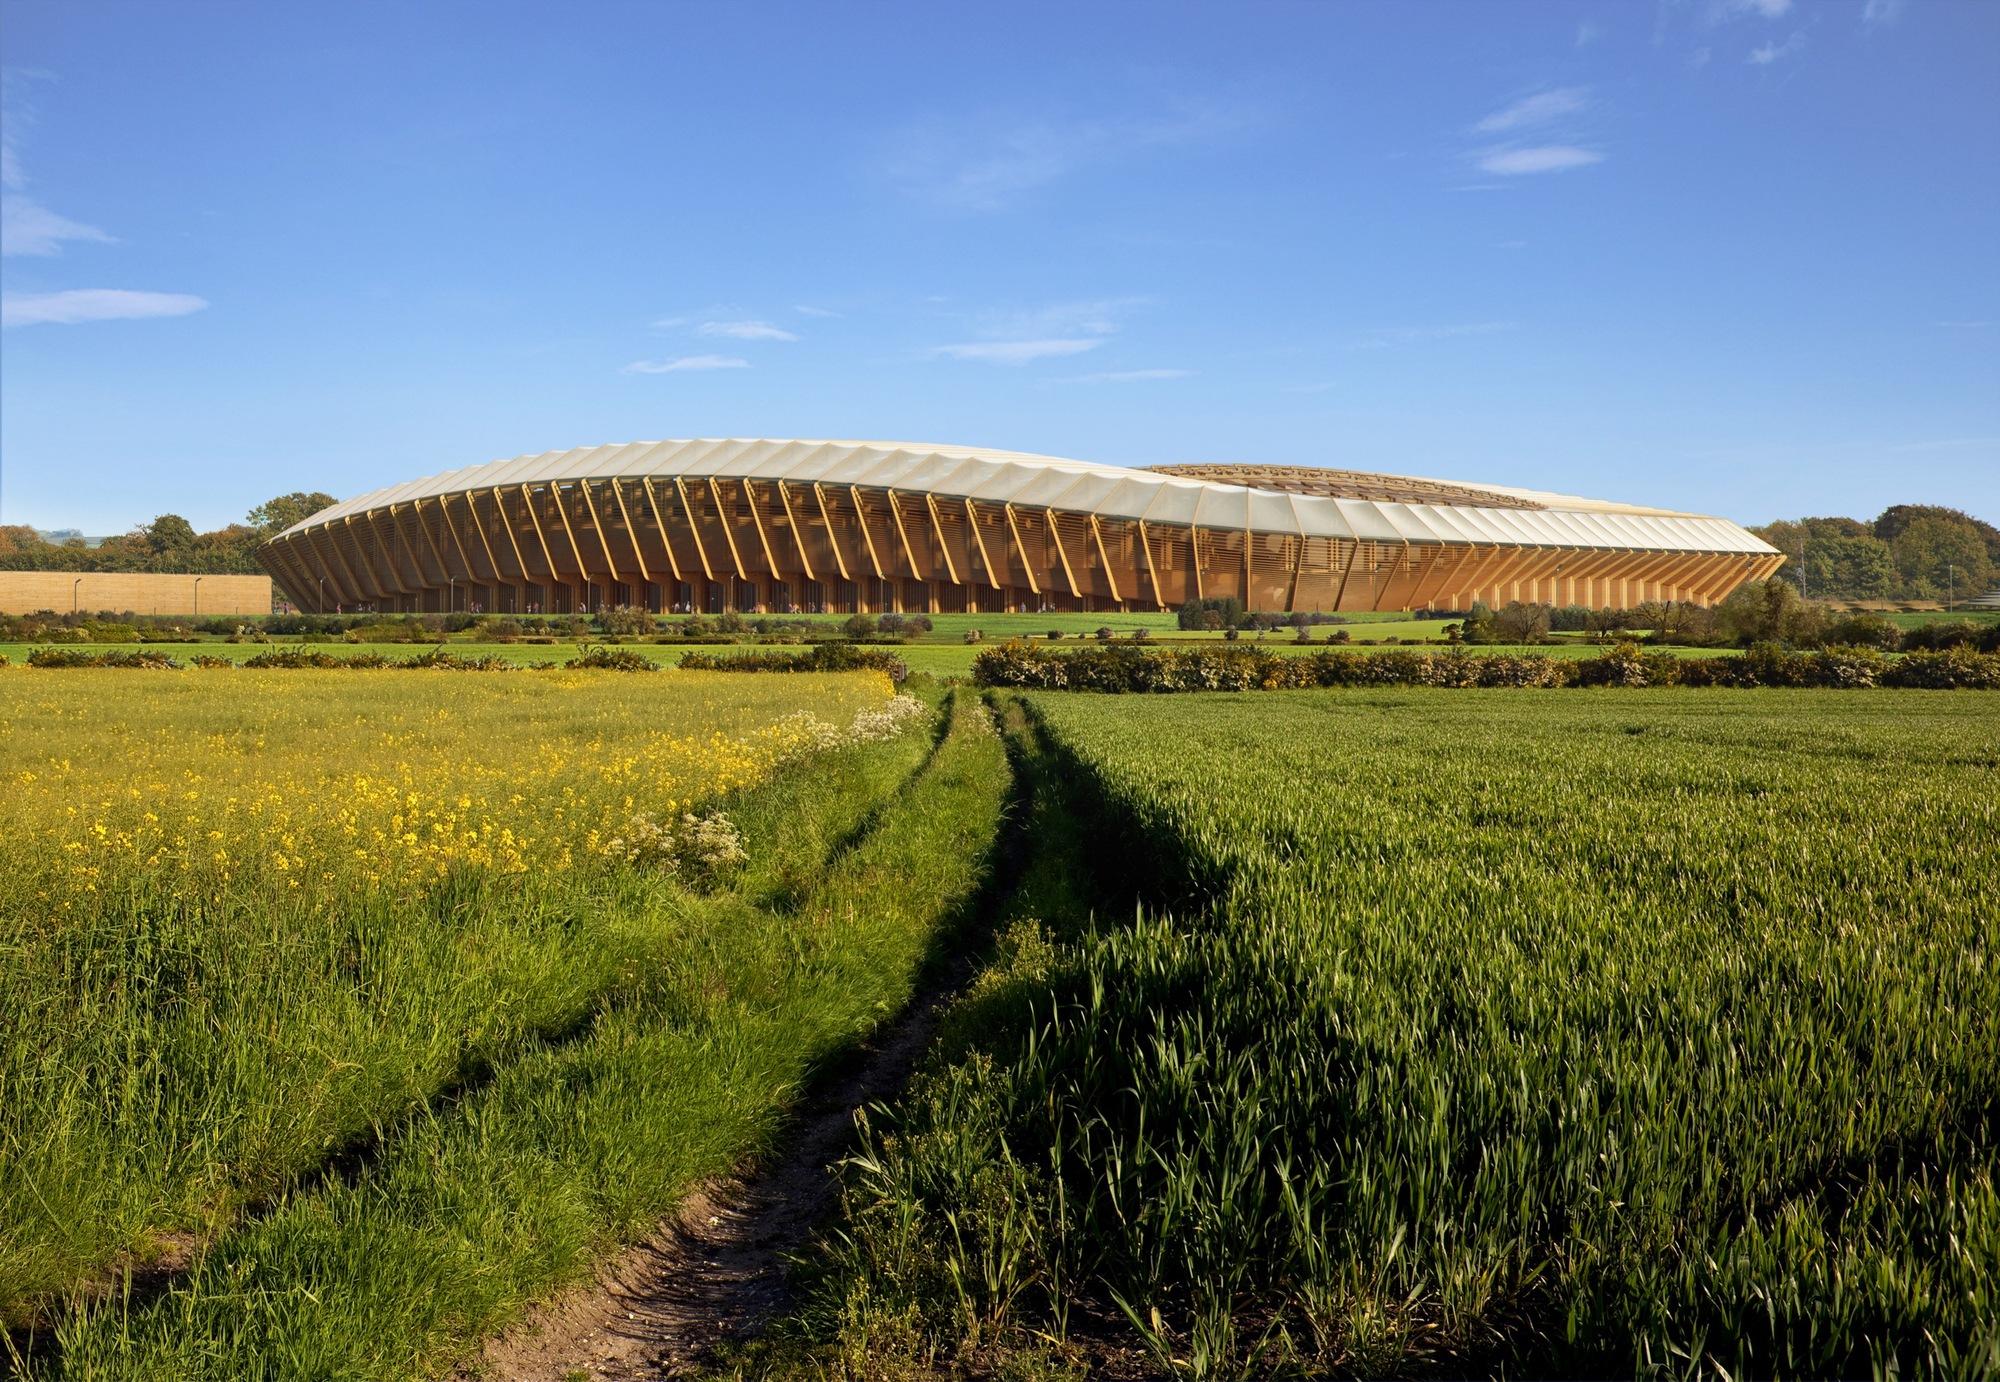 Galeria de Zaha Hadid Architects construirá o primeiro estádio do mundo feito inteiramente em